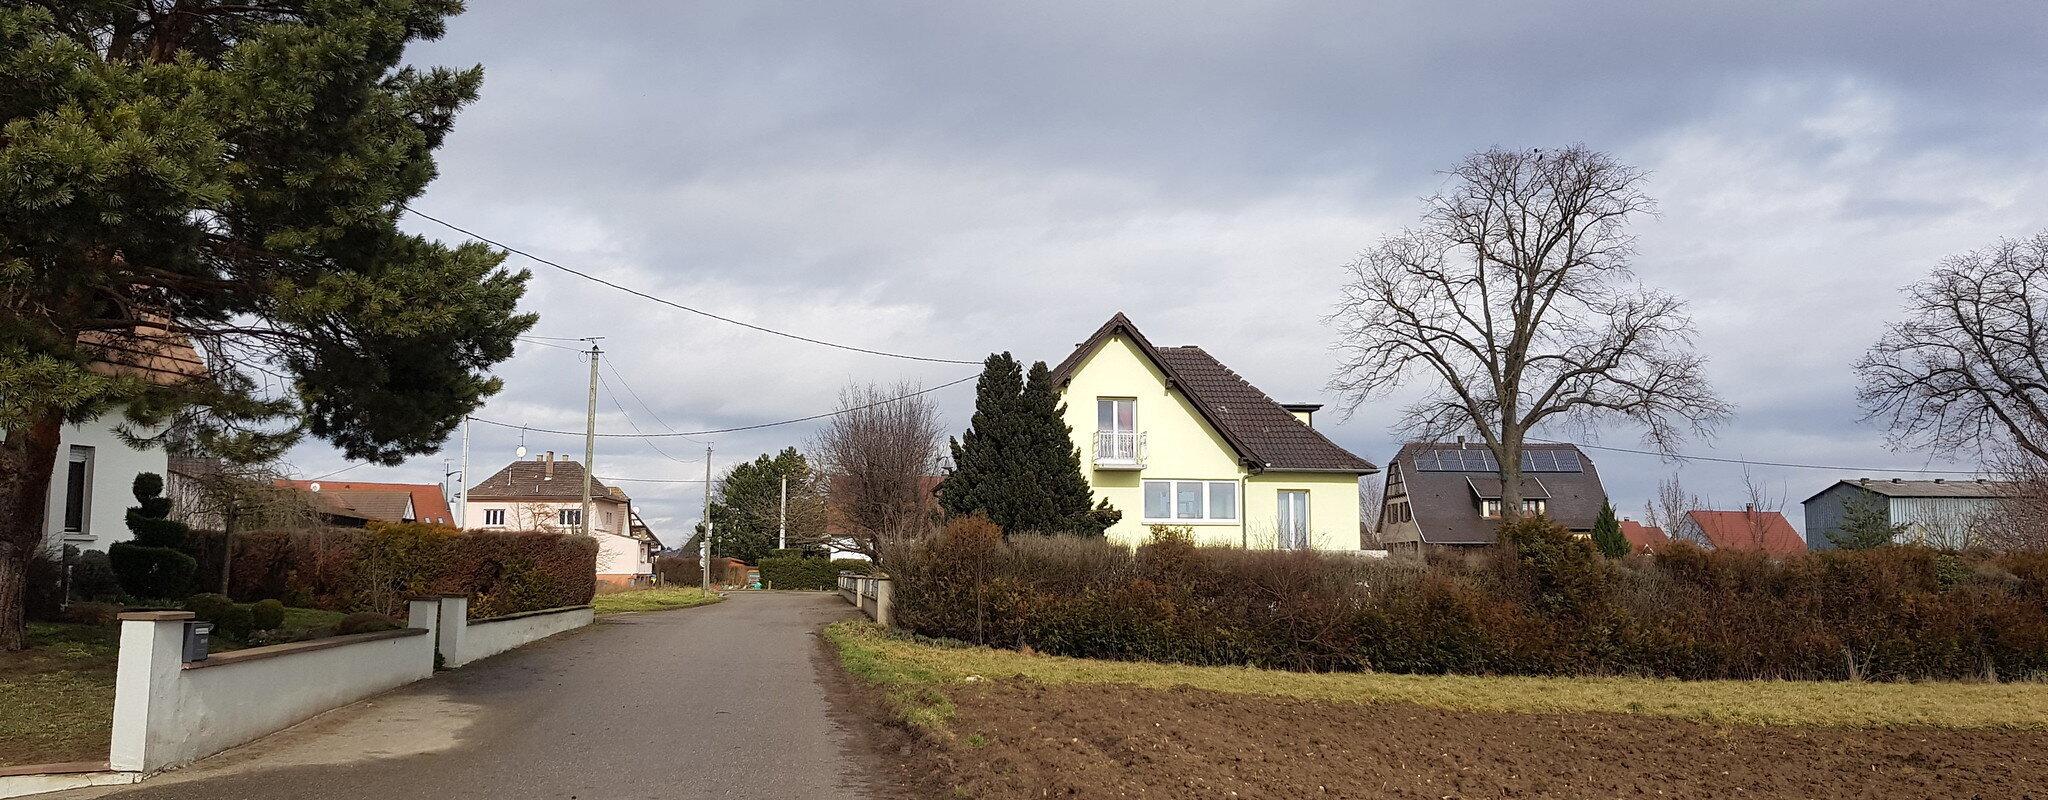 À Schnersheim, silence et gêne face aux liens entre pesticides et cancers